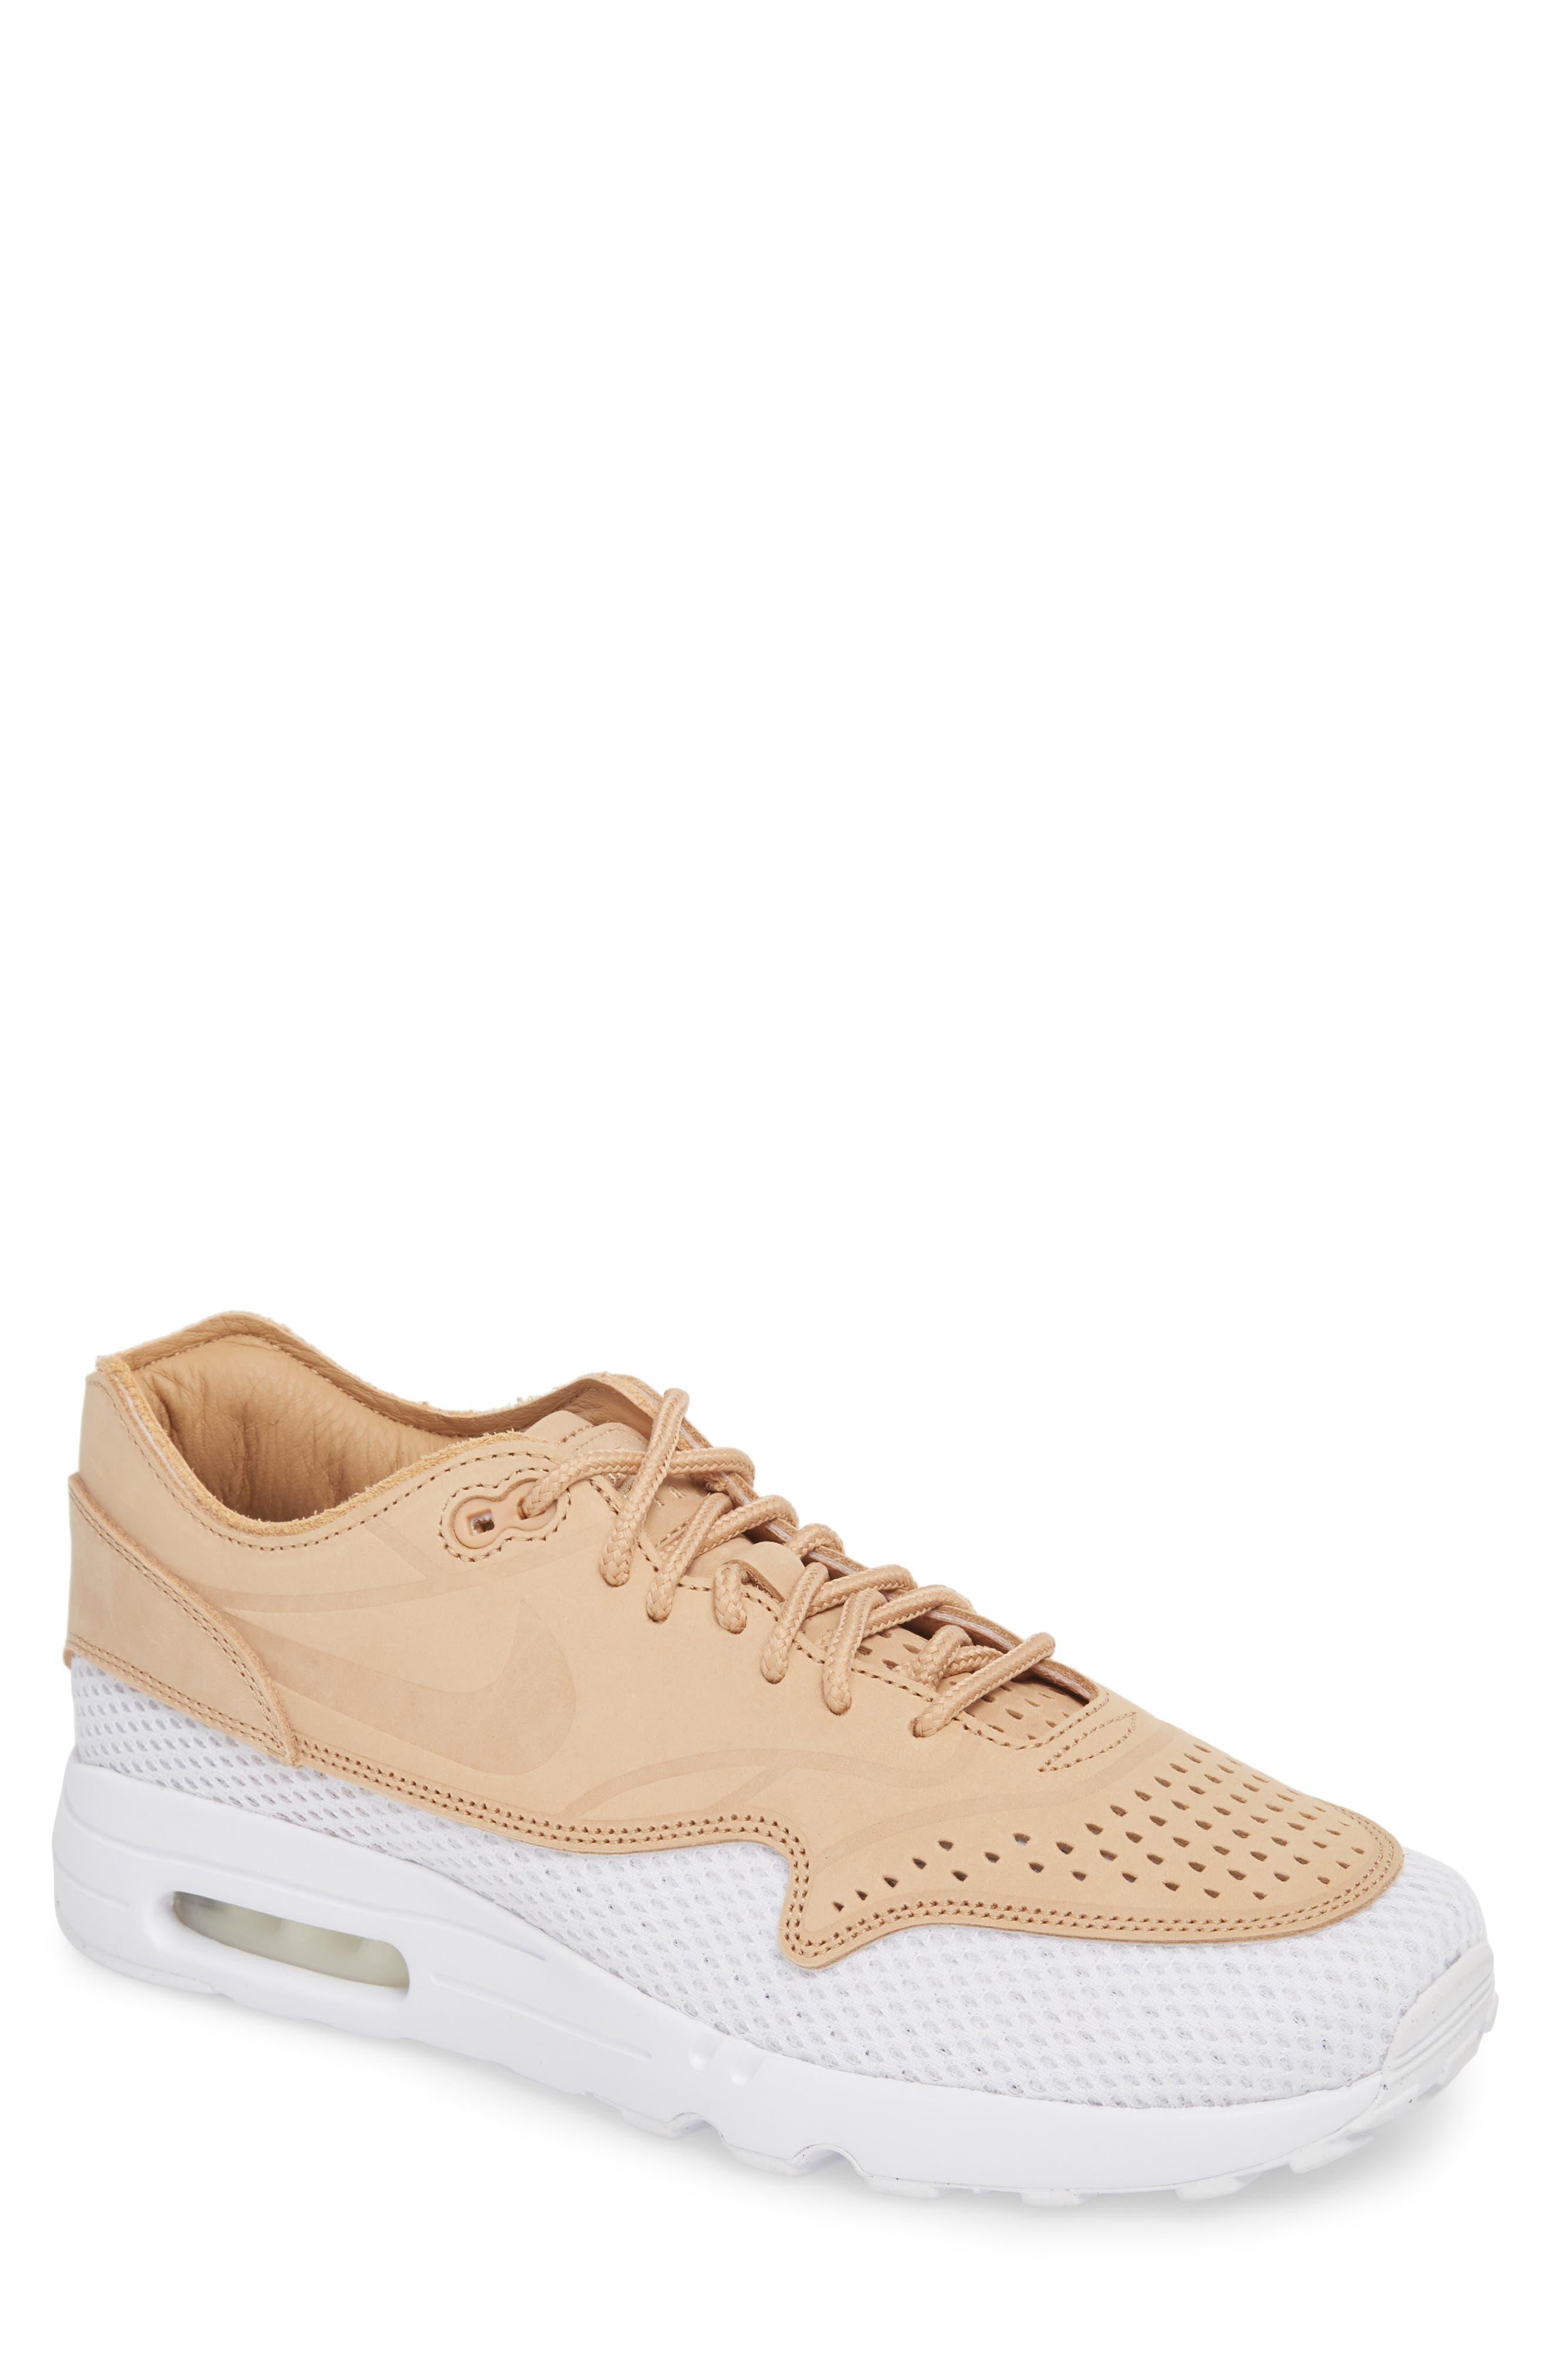 Air Max 1 Ultra 2.0 Premium Sneaker,                         Main,                         color, 250